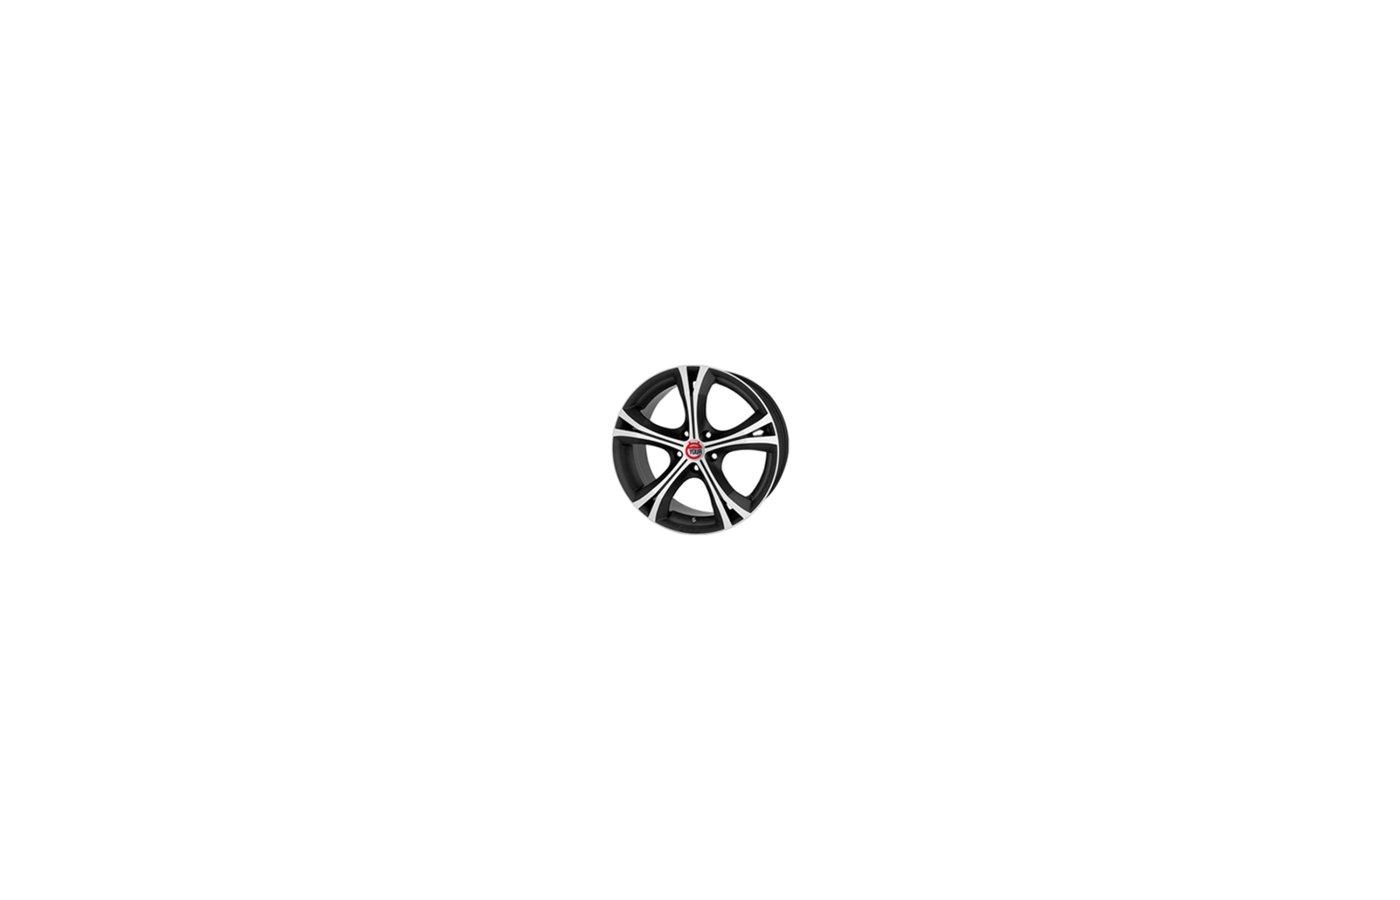 Диск Ё-wheels E11 6.5x16/5x114.3 D66.1 ET40 MBF